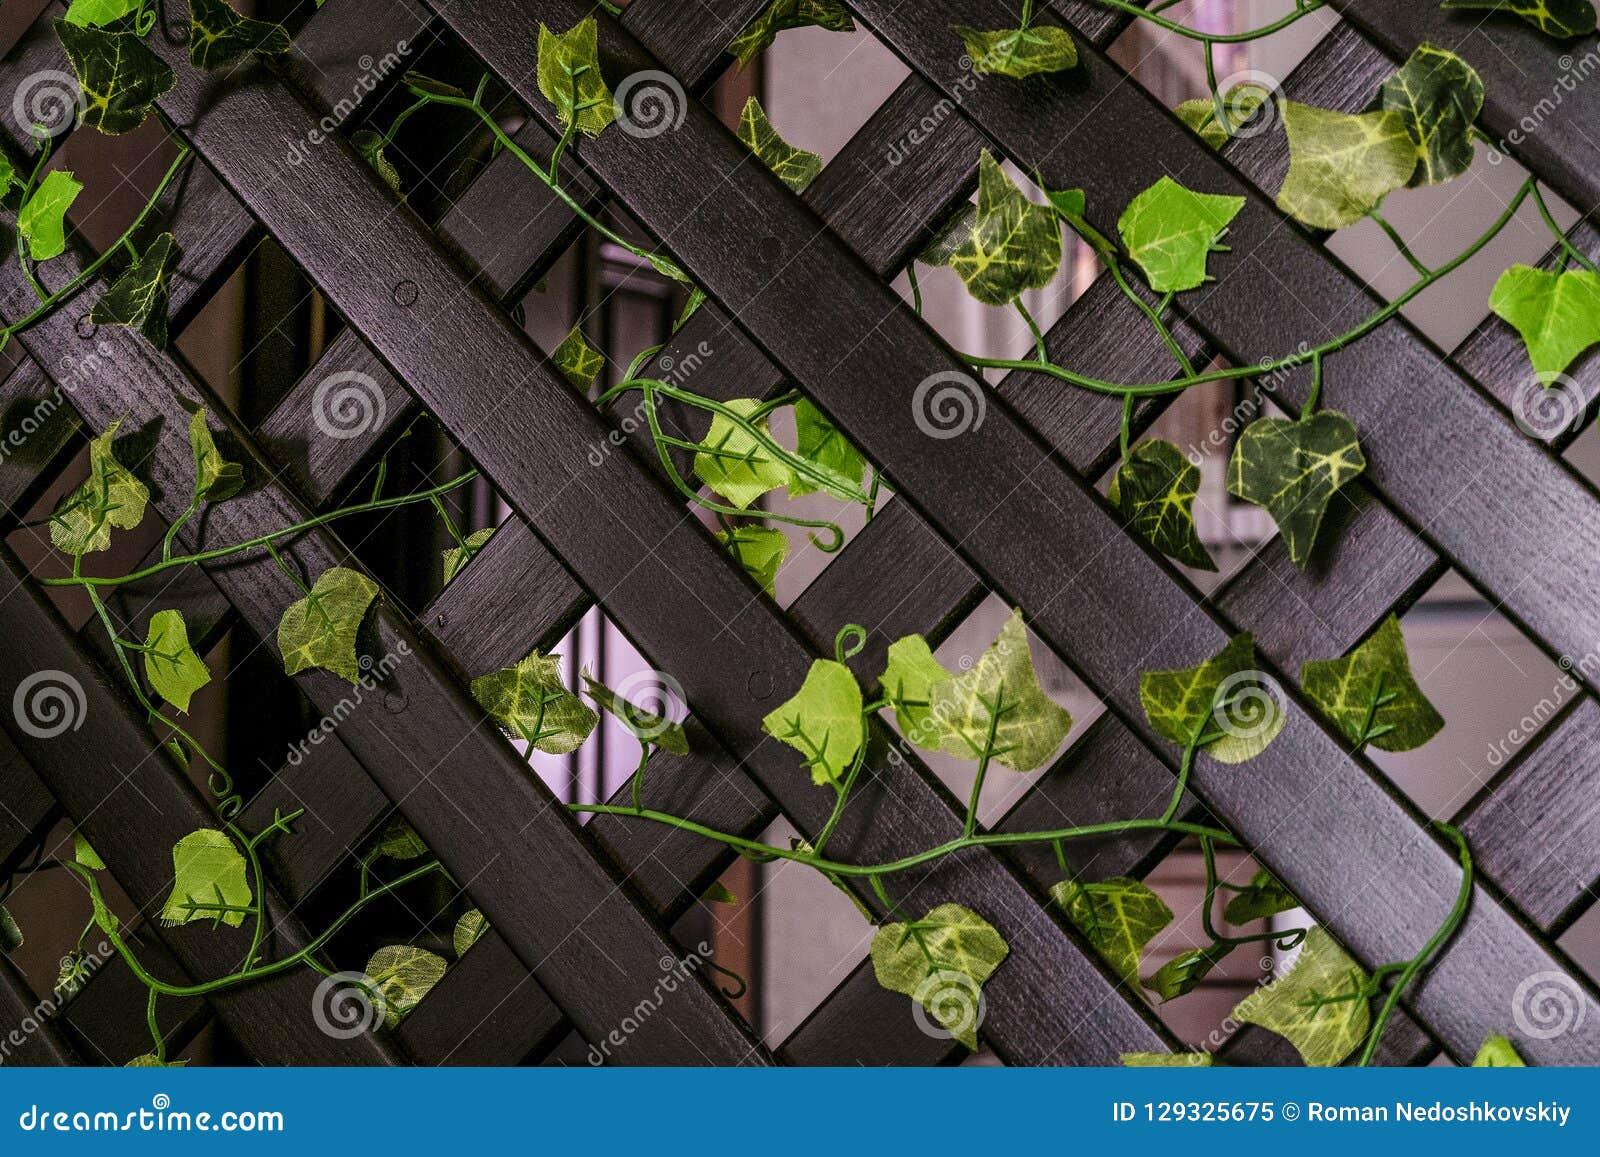 Huis het houten decoratieve rooster schermen